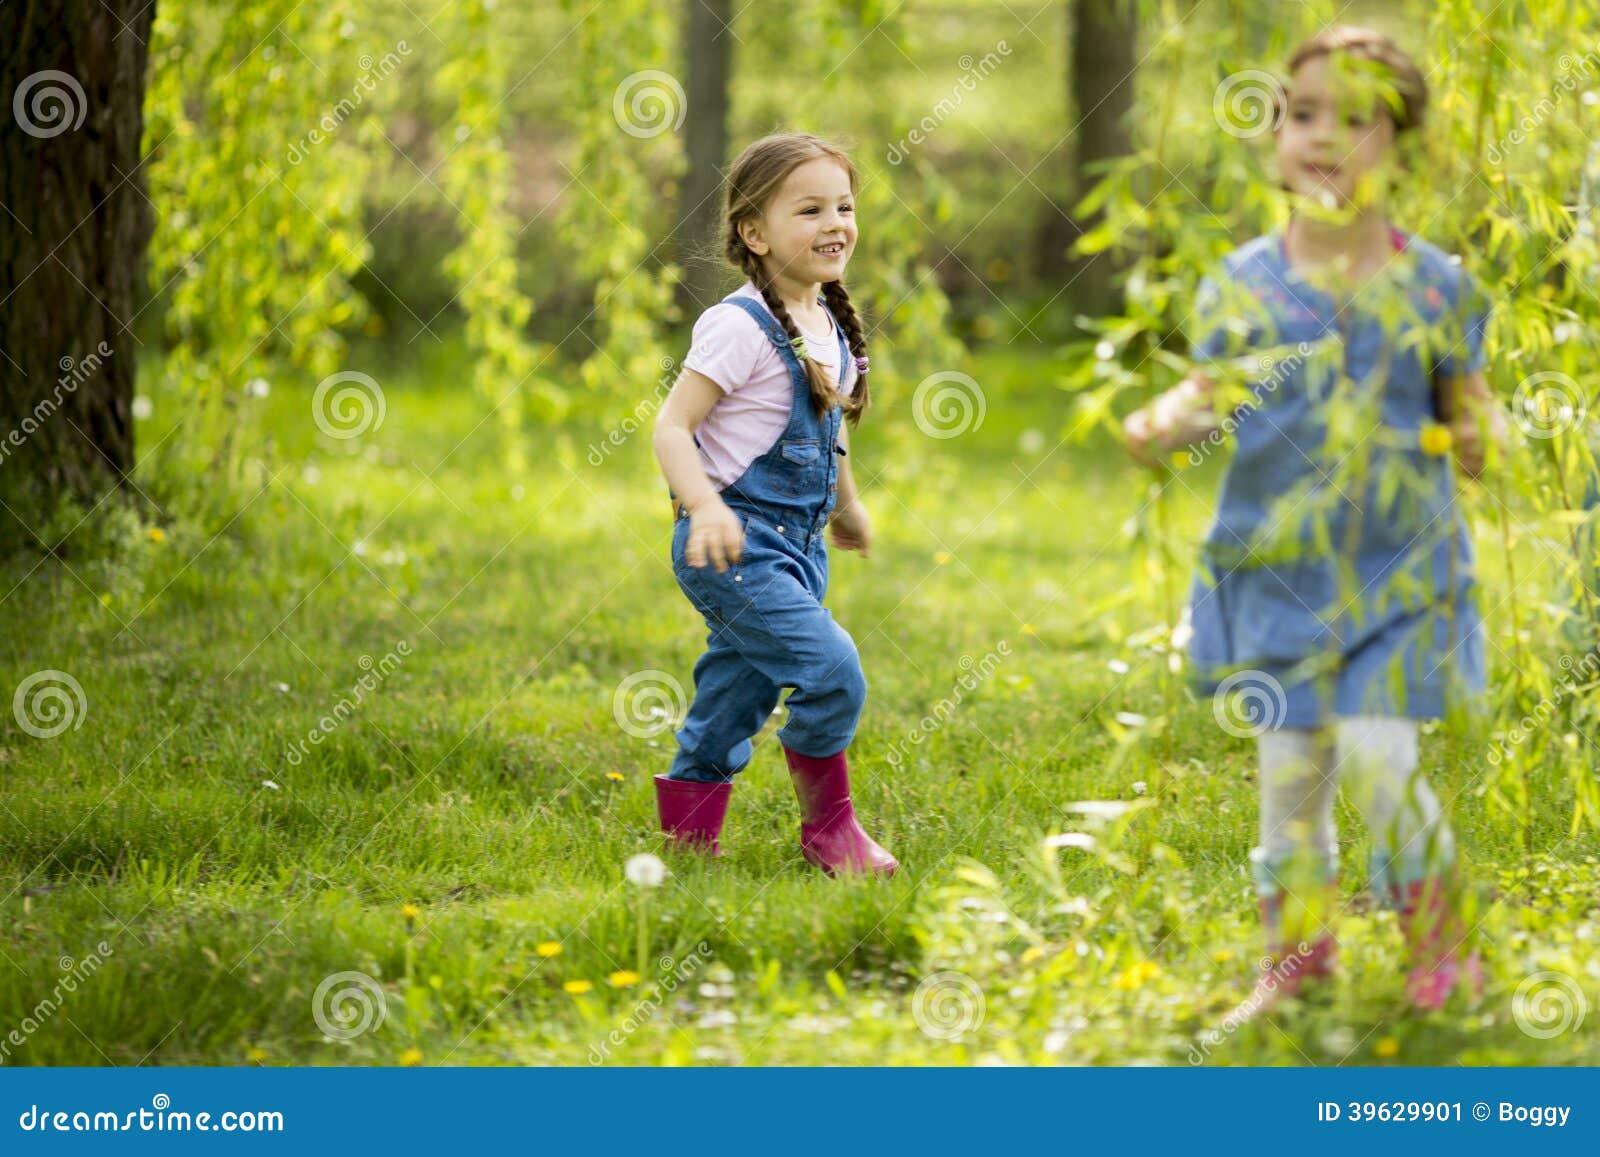 Små flickor som playuing i skogen